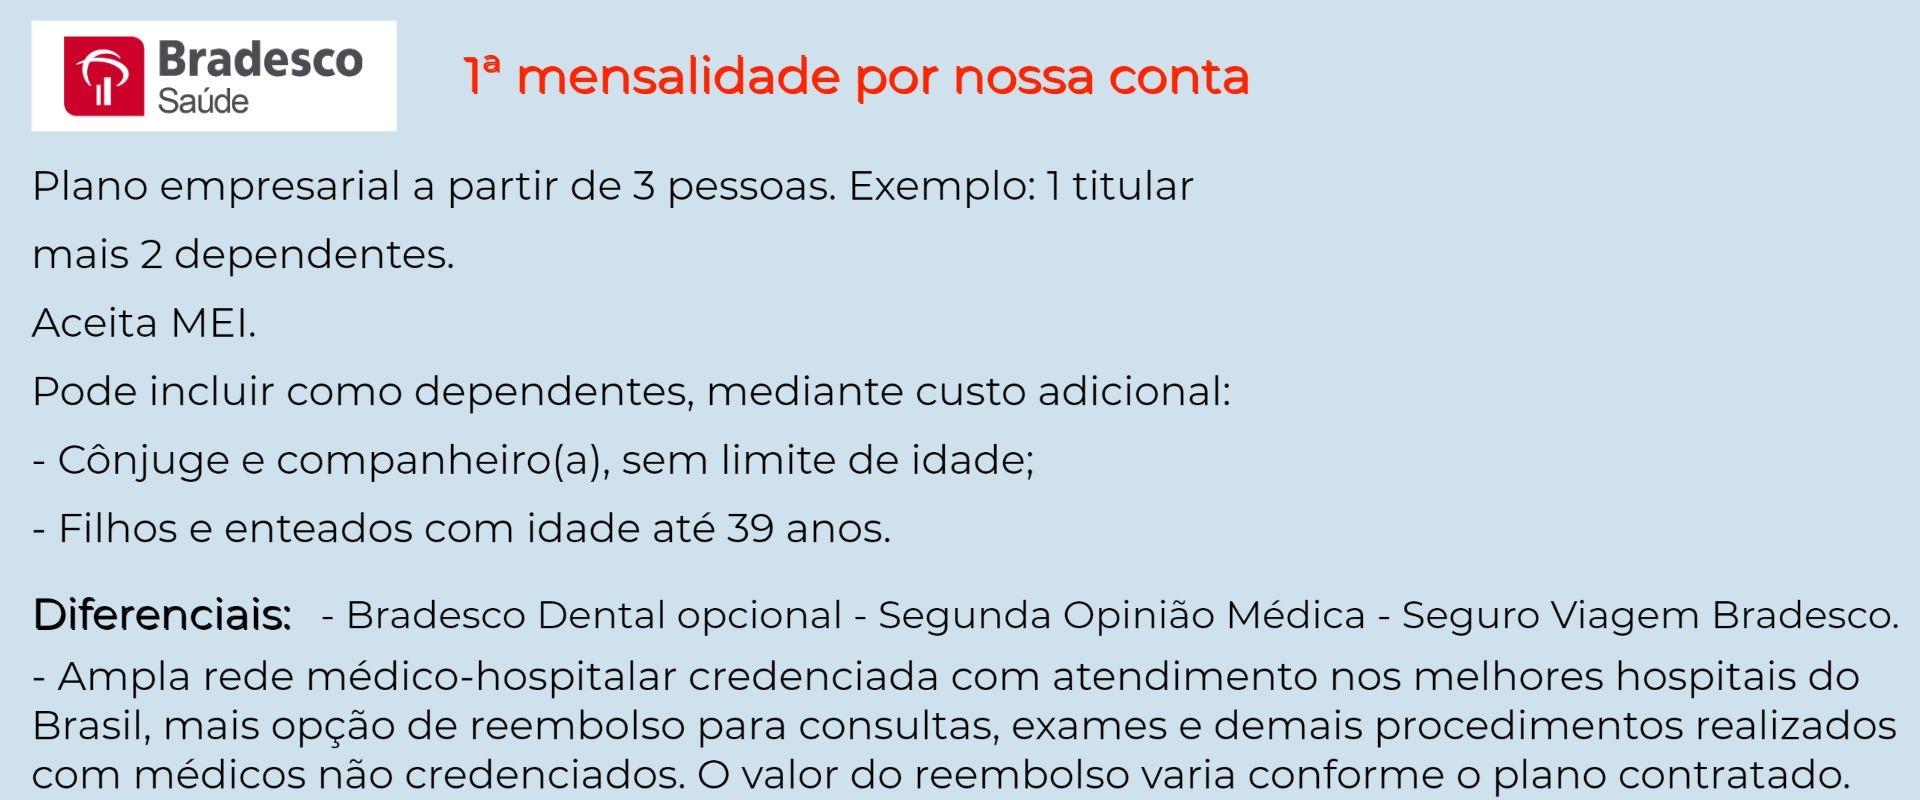 Bradesco Saúde Empresarial - Planaltina